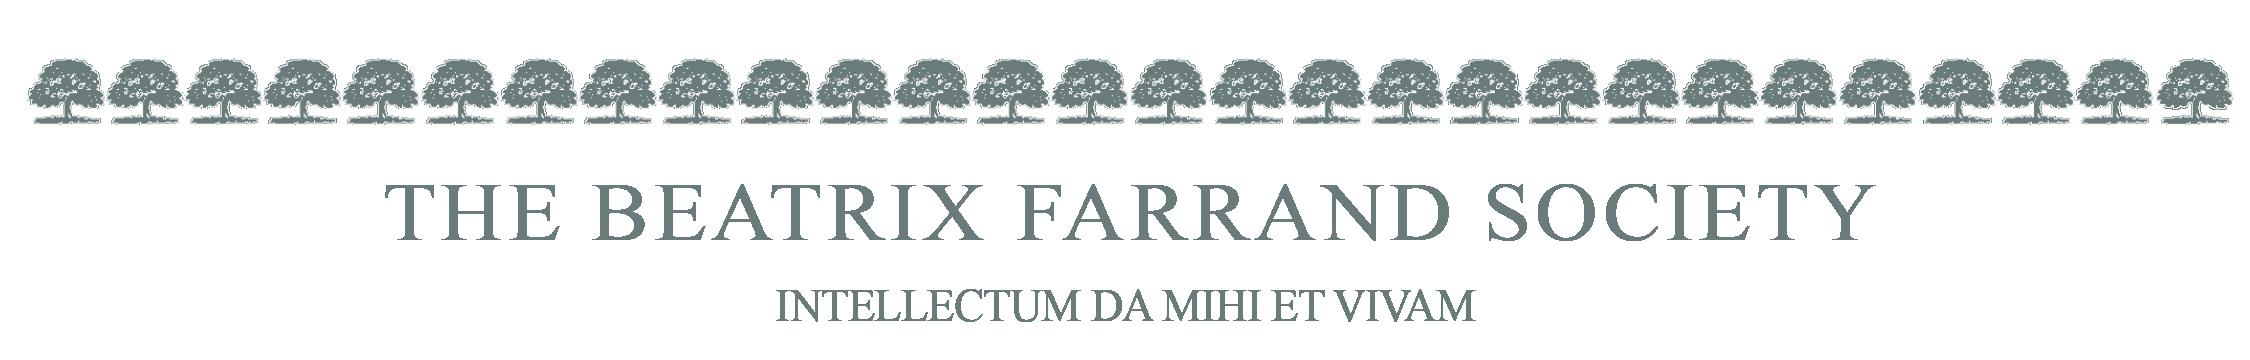 Beatrix Farrand Society